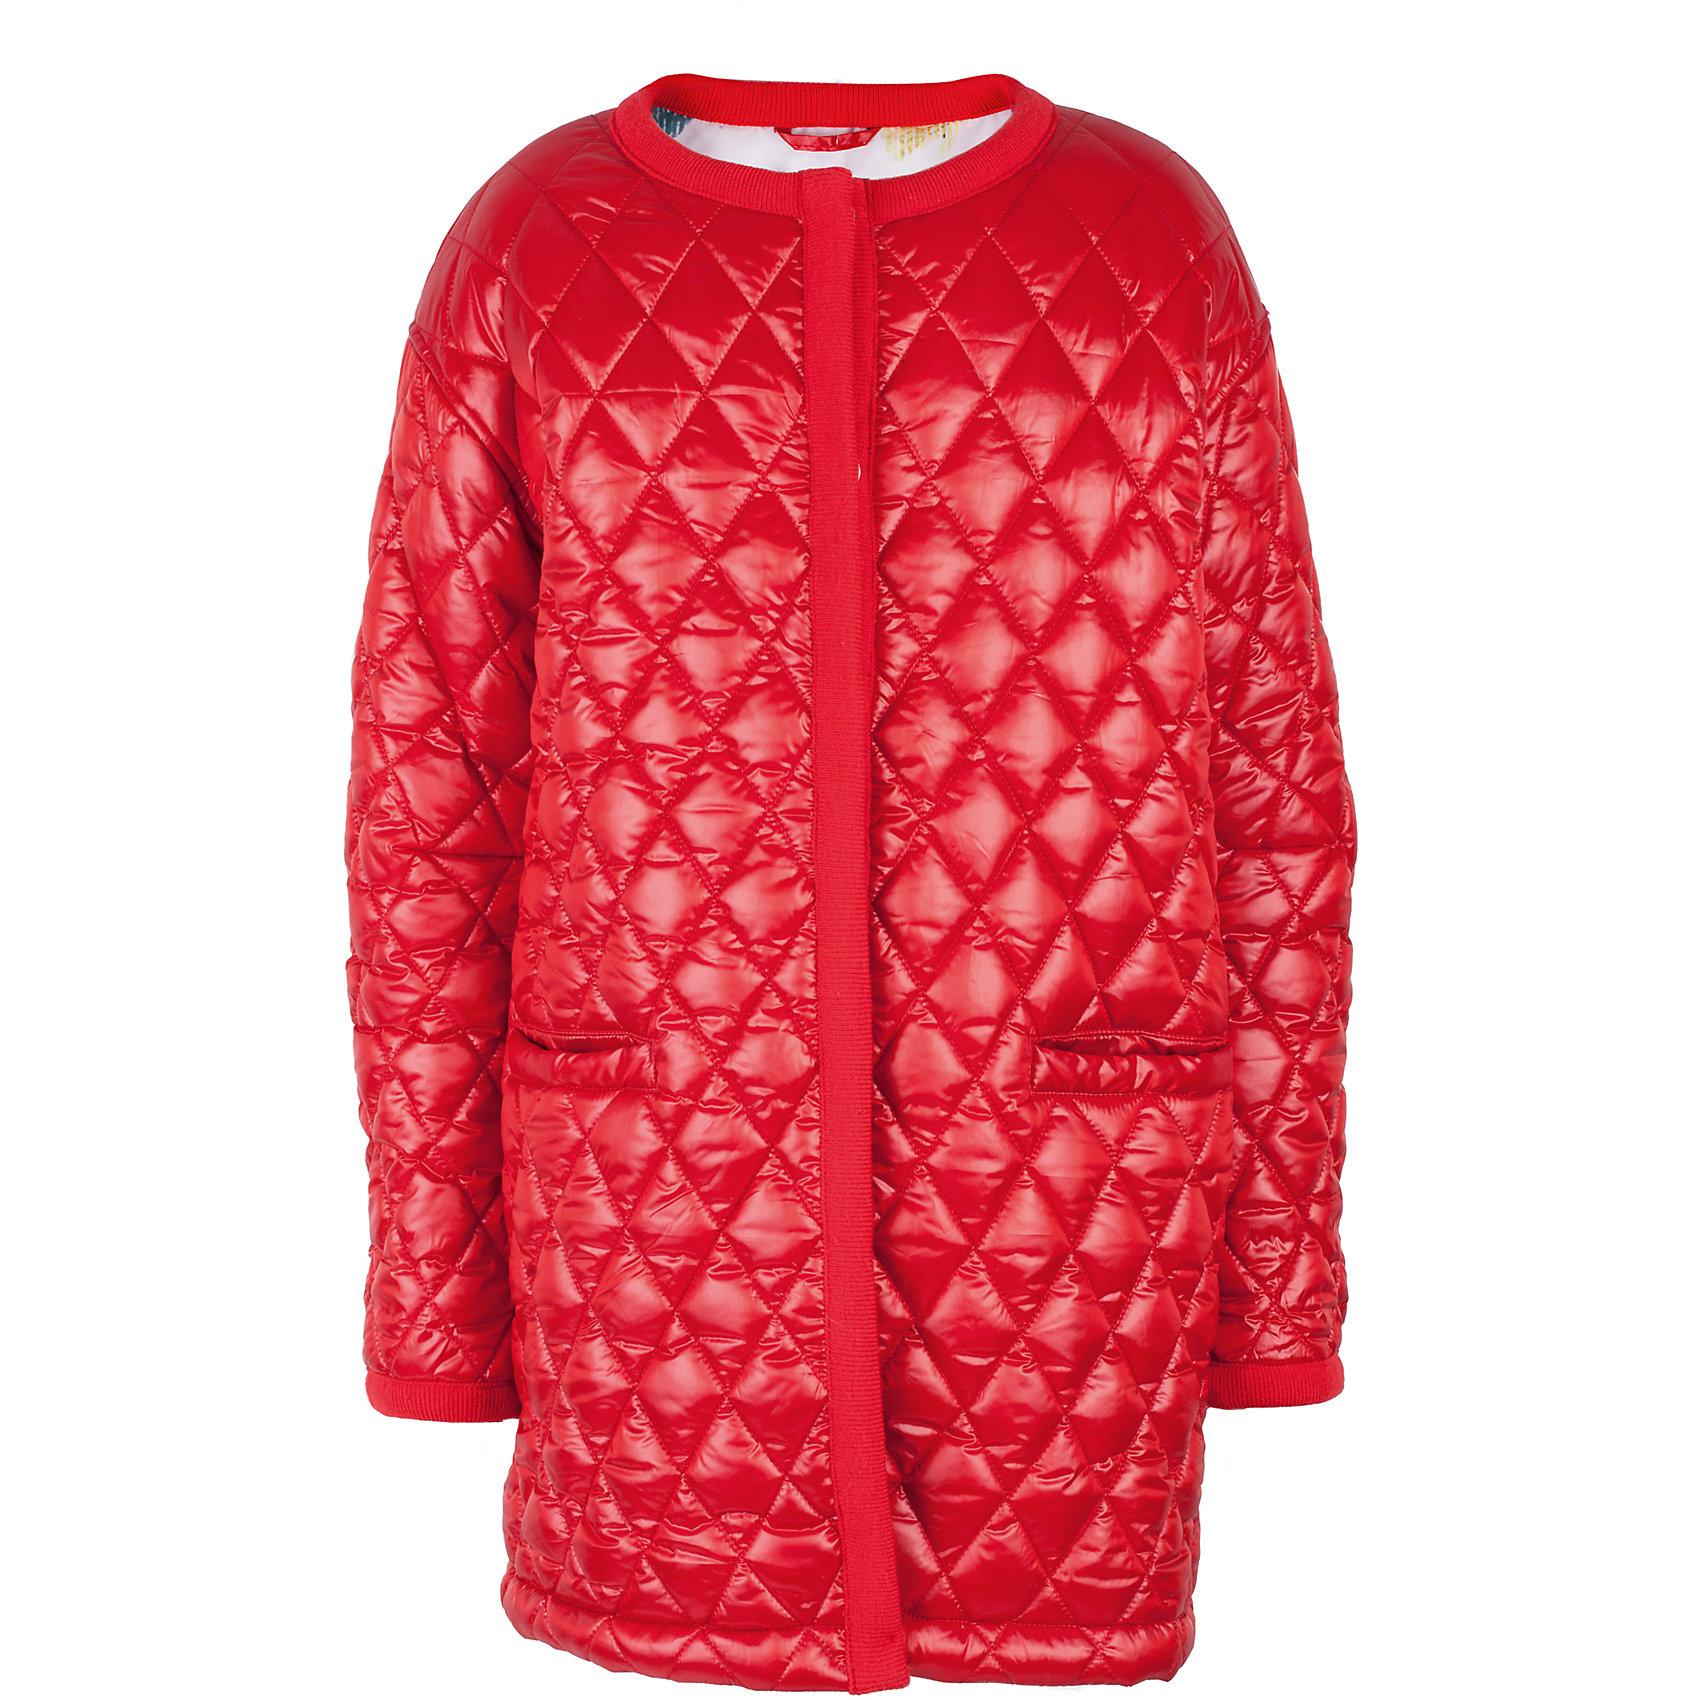 Пальто для девочки GulliverДемисезонные куртки<br>Прошли времена, когда детское пальто выполняло исключительно функциональную роль. Сейчас изделию недостаточно быть только удобным и теплым. Пальто для девочки должно быть стильным, элегантным, привлекательным и отражать в полной мере характер и предпочтения своей обладательницы! Именно такое, красное стеганое пальто без воротника может понравиться юной моднице. Если вы предпочитаете сформировать весенний гардероб ребенка из ярких, современных, интересных вещей, вам стоит купить детское пальто для девочки из коллекции Коста-Рика! В этом пальто вашему ребенку гарантирован прекрасный внешний вид, соответствие модным трендам, а также тепло, комфорт и свобода движений.<br>Состав:<br>верх: 60% полиэстер 40% нейлон; подкладка: 100% полиэстер; утеплитель: 100% полиэстер<br><br>Ширина мм: 356<br>Глубина мм: 10<br>Высота мм: 245<br>Вес г: 519<br>Цвет: красный<br>Возраст от месяцев: 156<br>Возраст до месяцев: 168<br>Пол: Женский<br>Возраст: Детский<br>Размер: 164,146,152,158<br>SKU: 5483145